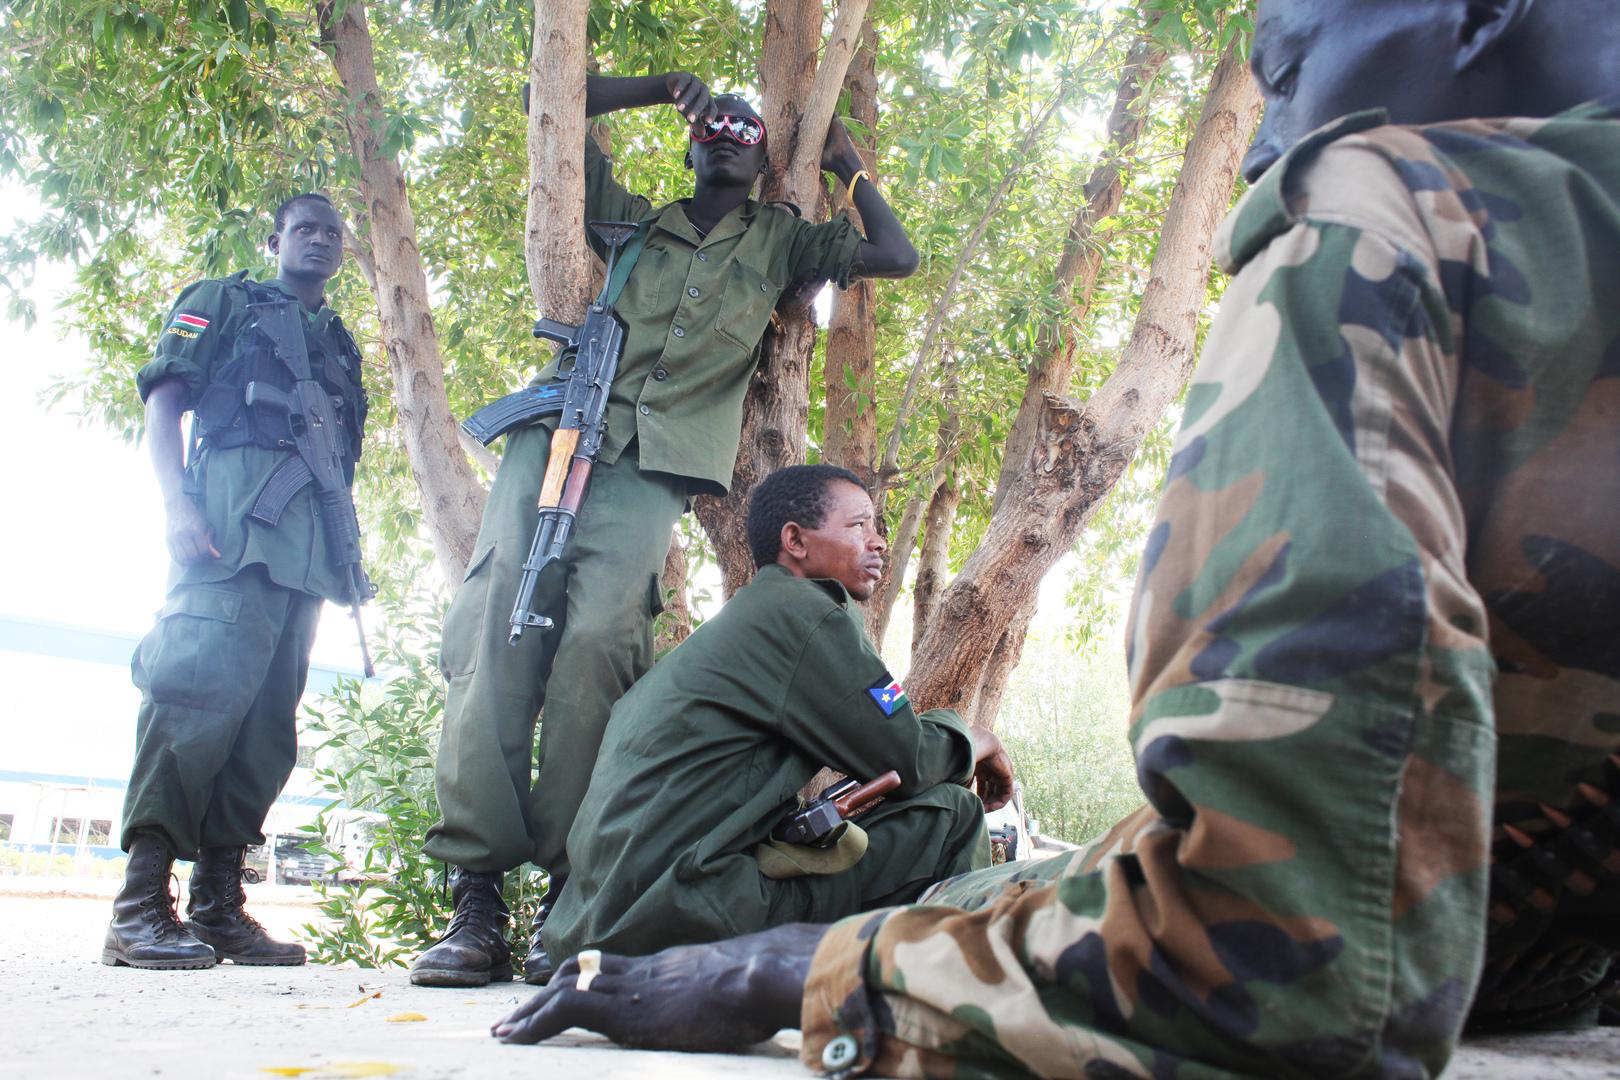 جنوب السودان.. عشرات القتلى جراء اشتباكات بين أنصار مشار وفصيل معارض في حزبه